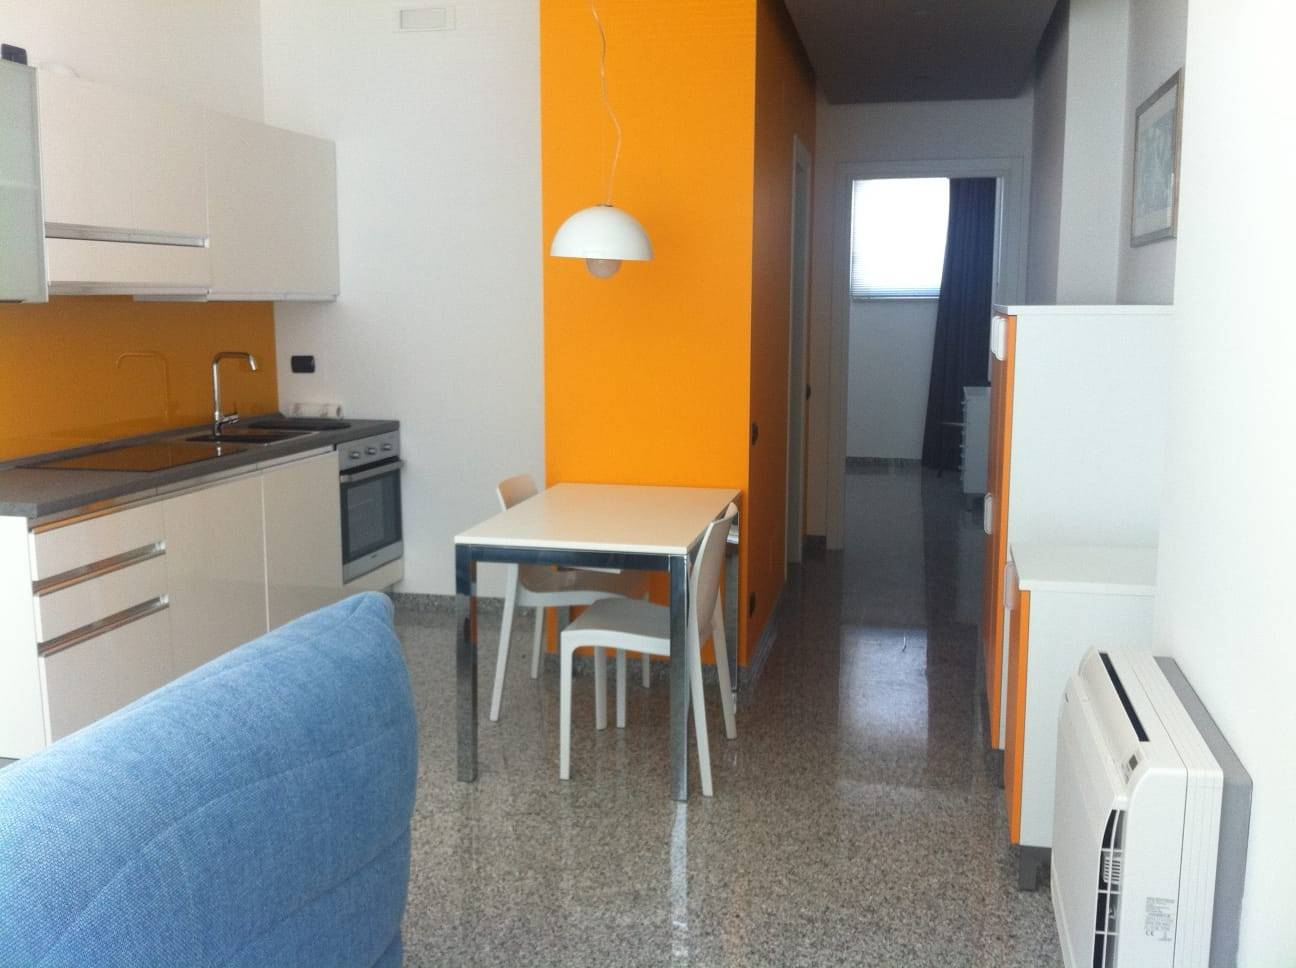 Appartamento in affitto a Matera, 2 locali, zona Zona: Centro direzionale, prezzo € 500 | CambioCasa.it